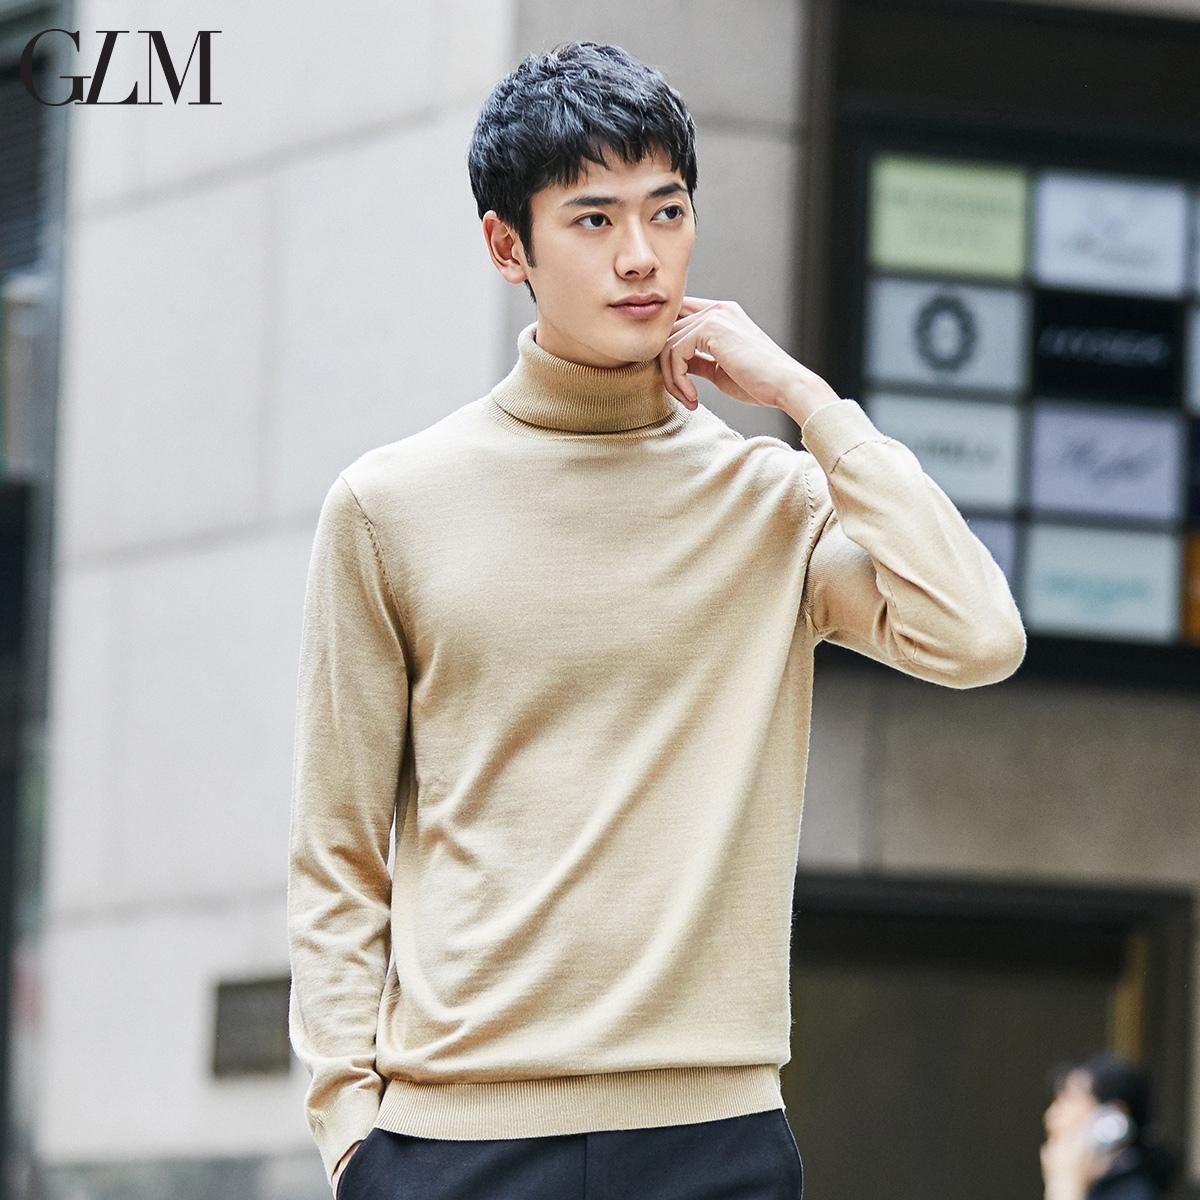 【双11预售】GLM新款高领毛衣男花纱宽松潮流针织衫外套